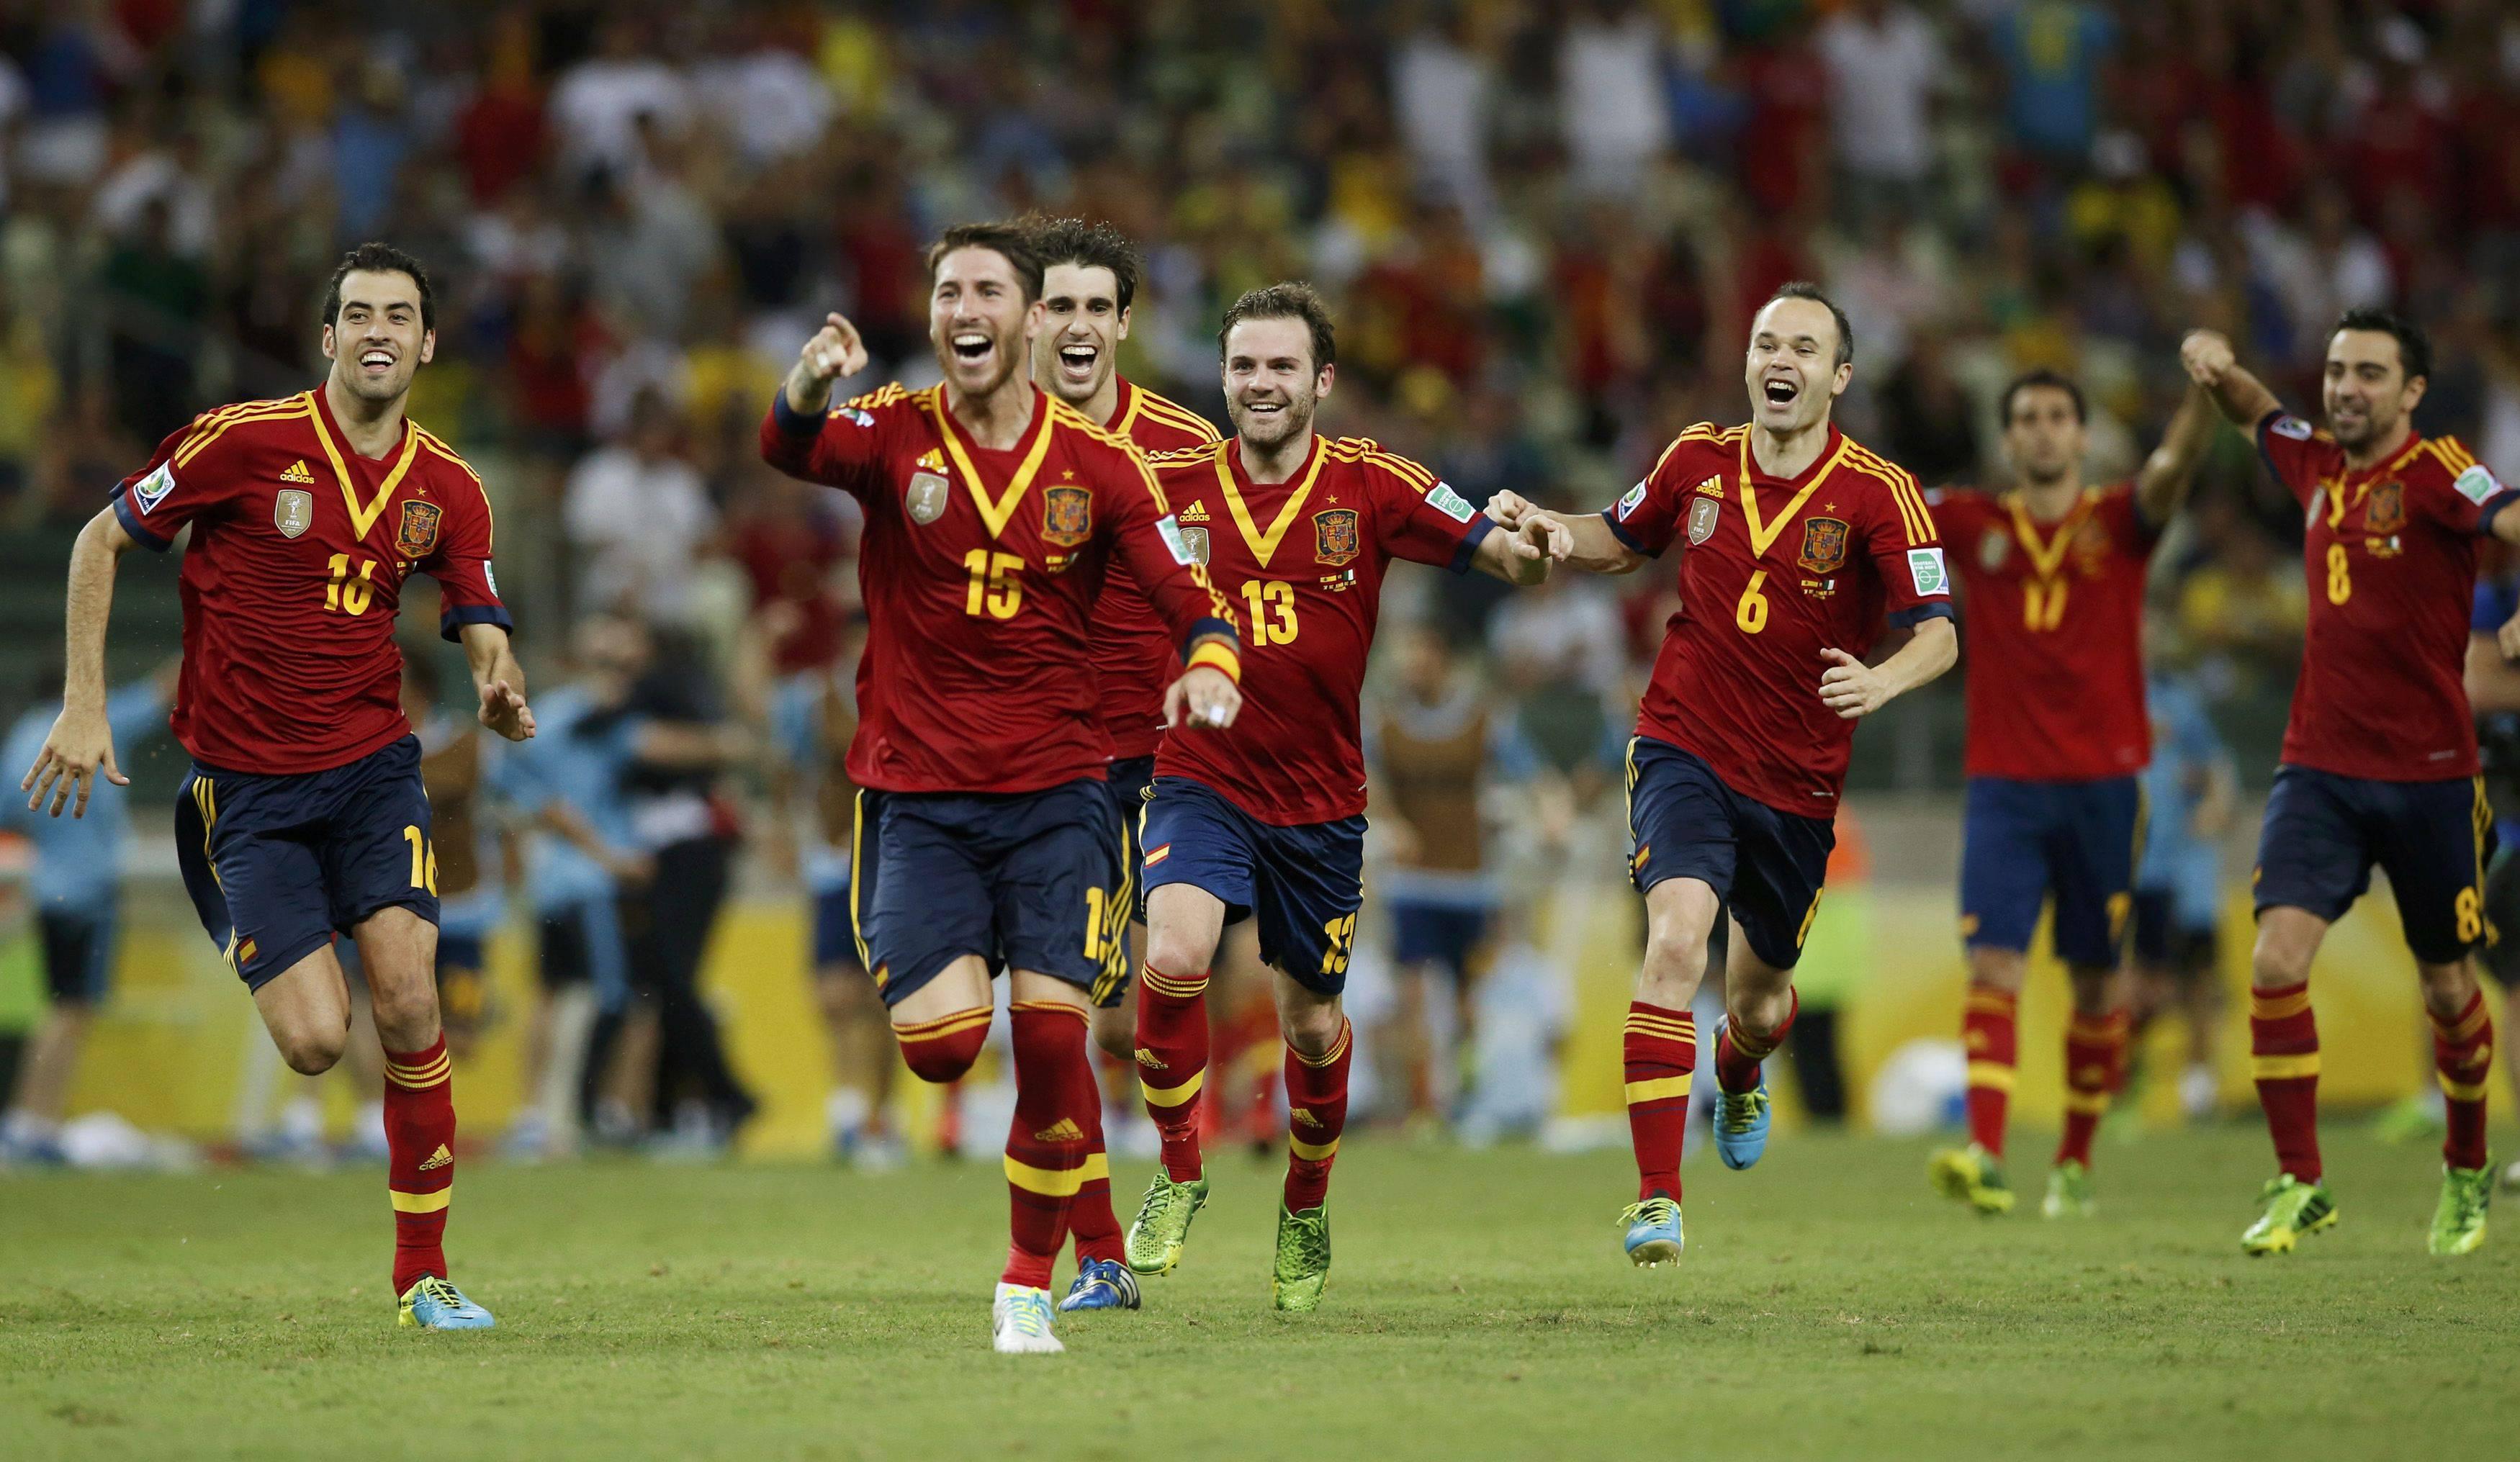 Spania, calificata in finala Cupei Confederatiilor, dupa scorul de 7-6 cu Italia, la loviturile de departajare!